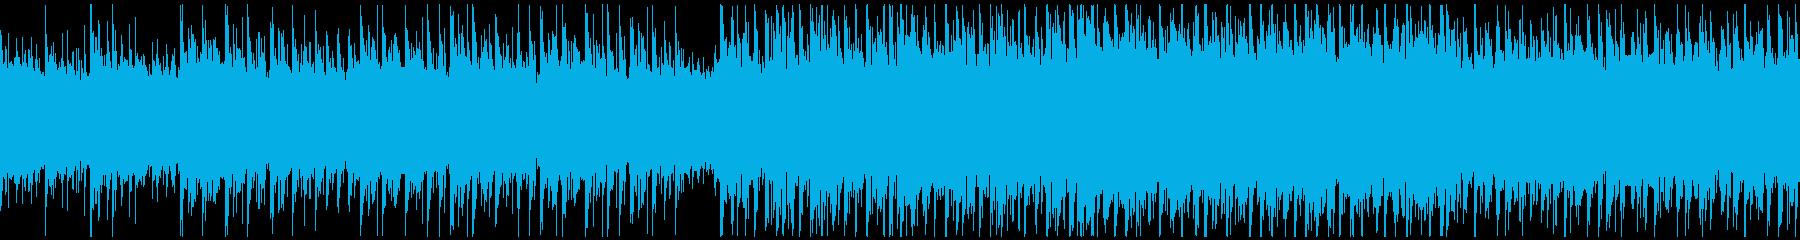 ループ仕様|プレゼンなどの企業VPにの再生済みの波形